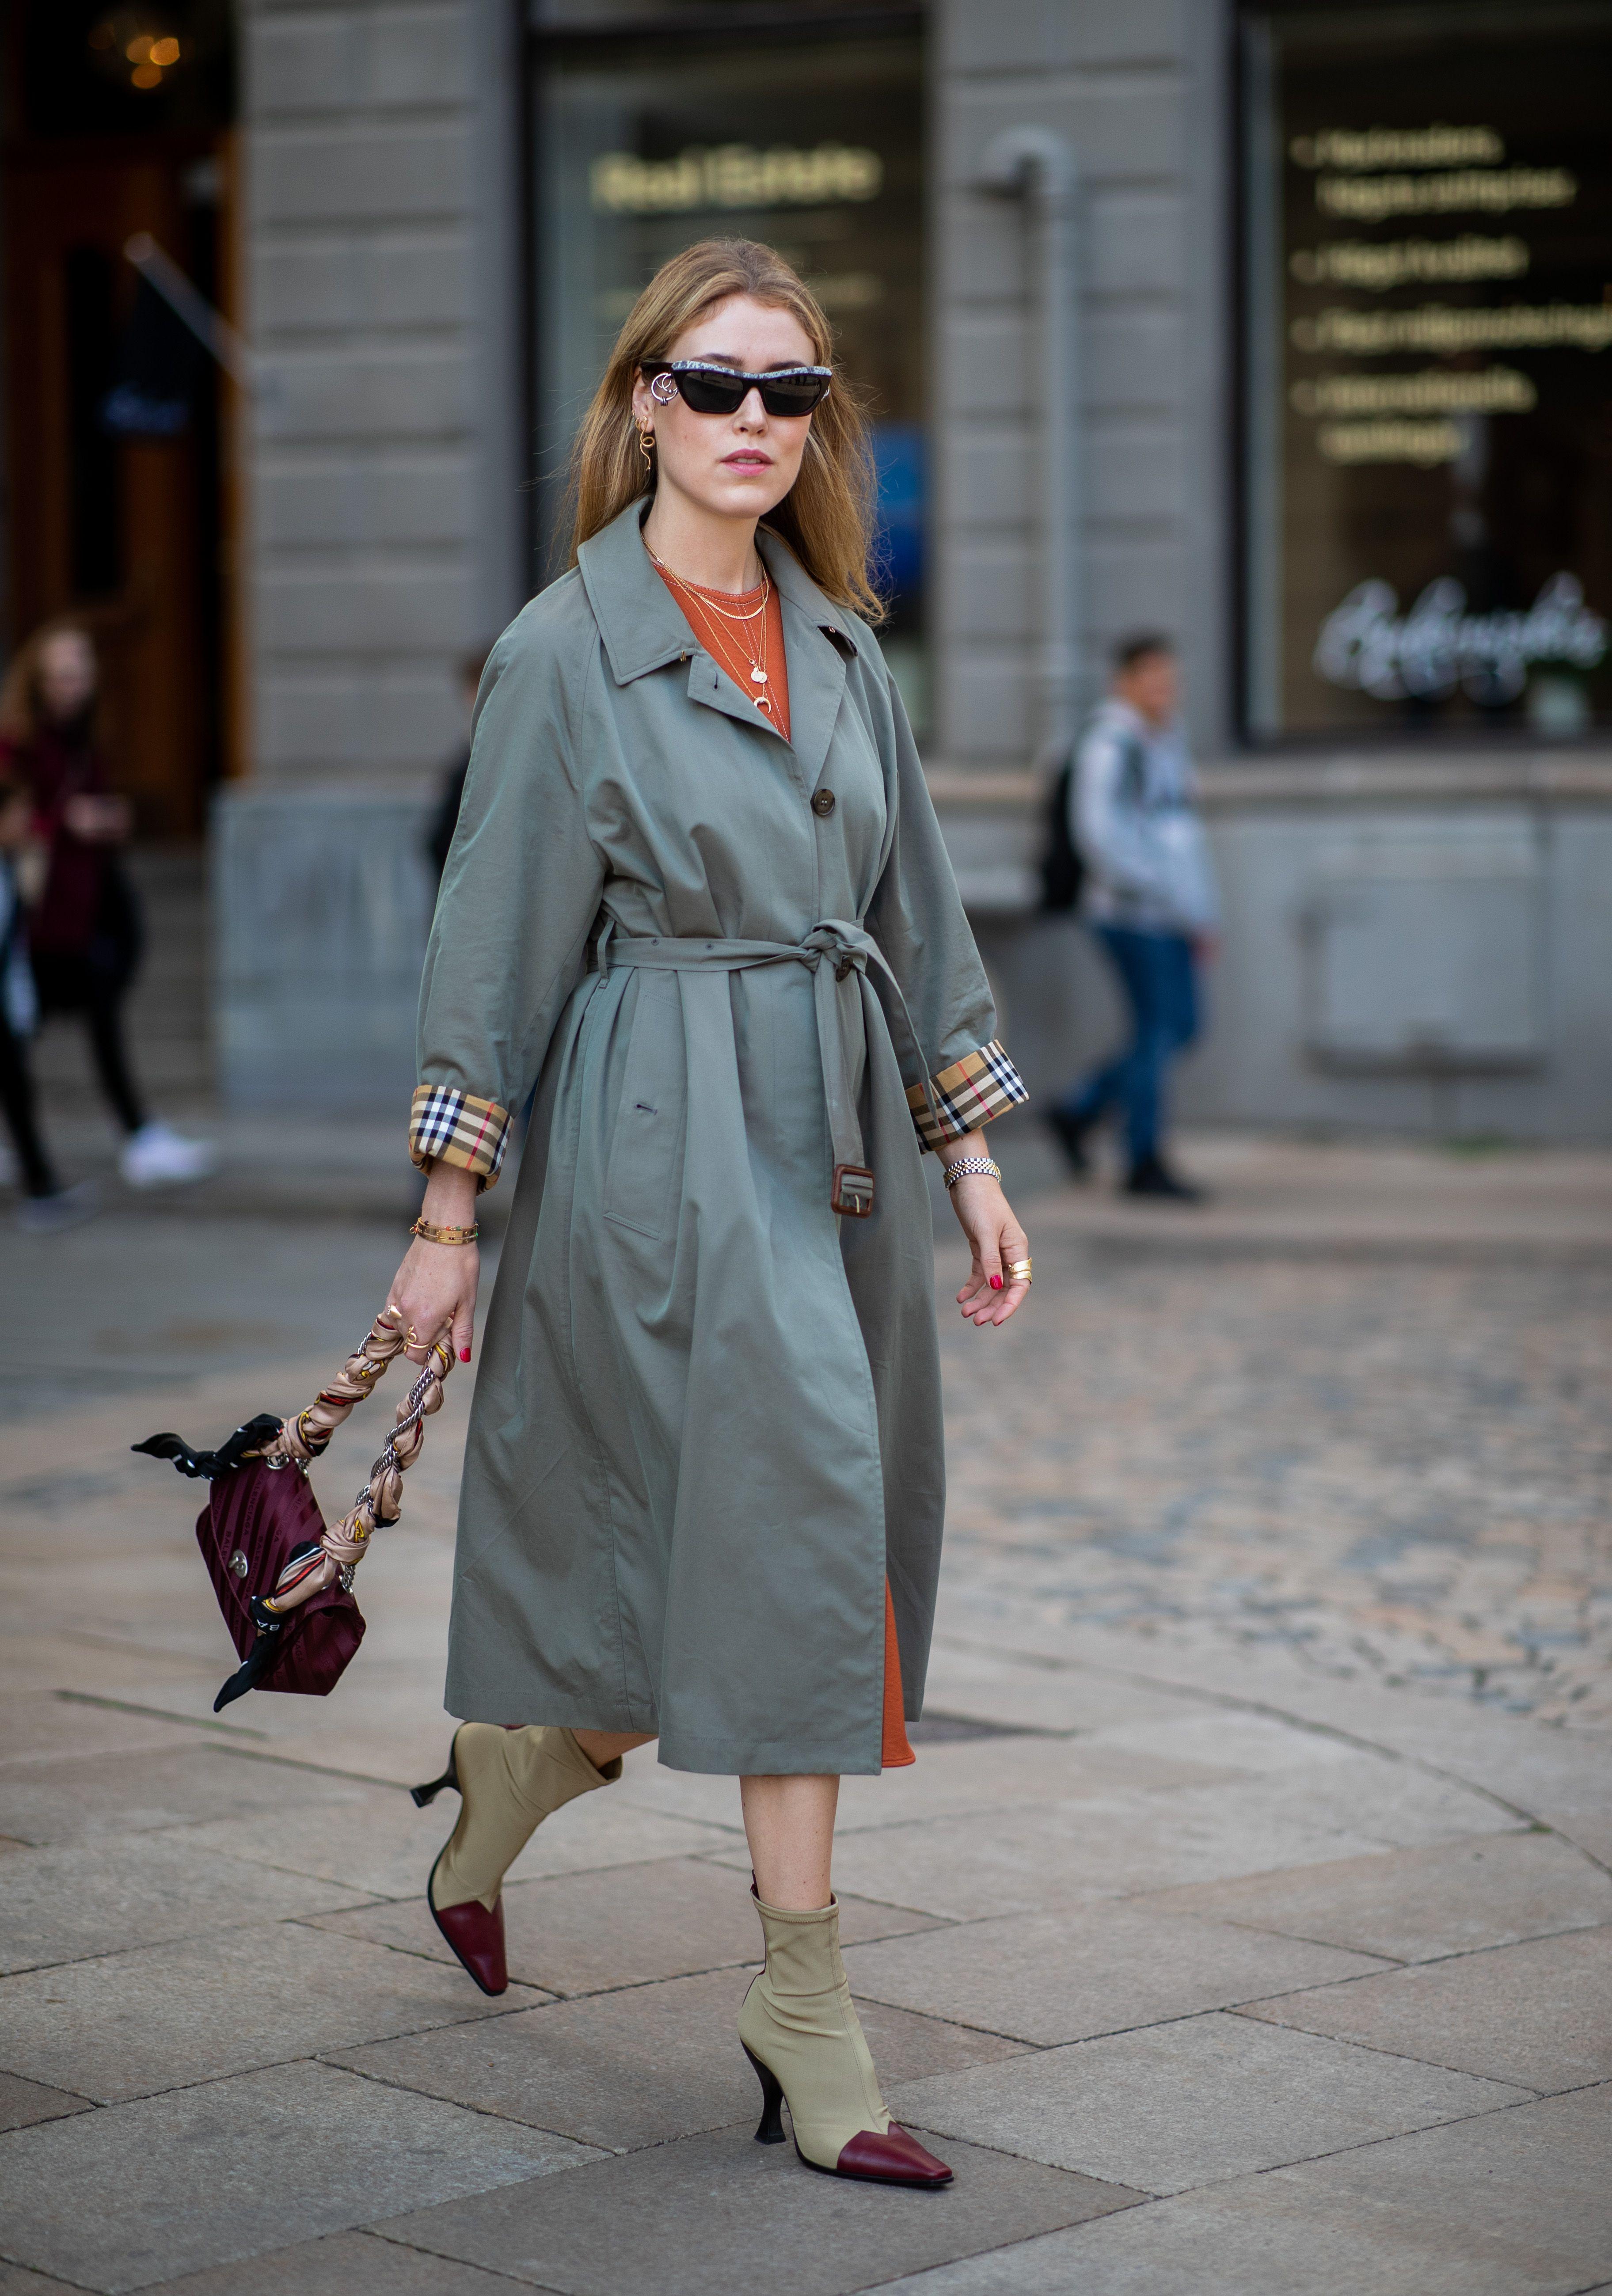 moda trench autunno 2018, come indossare il trench